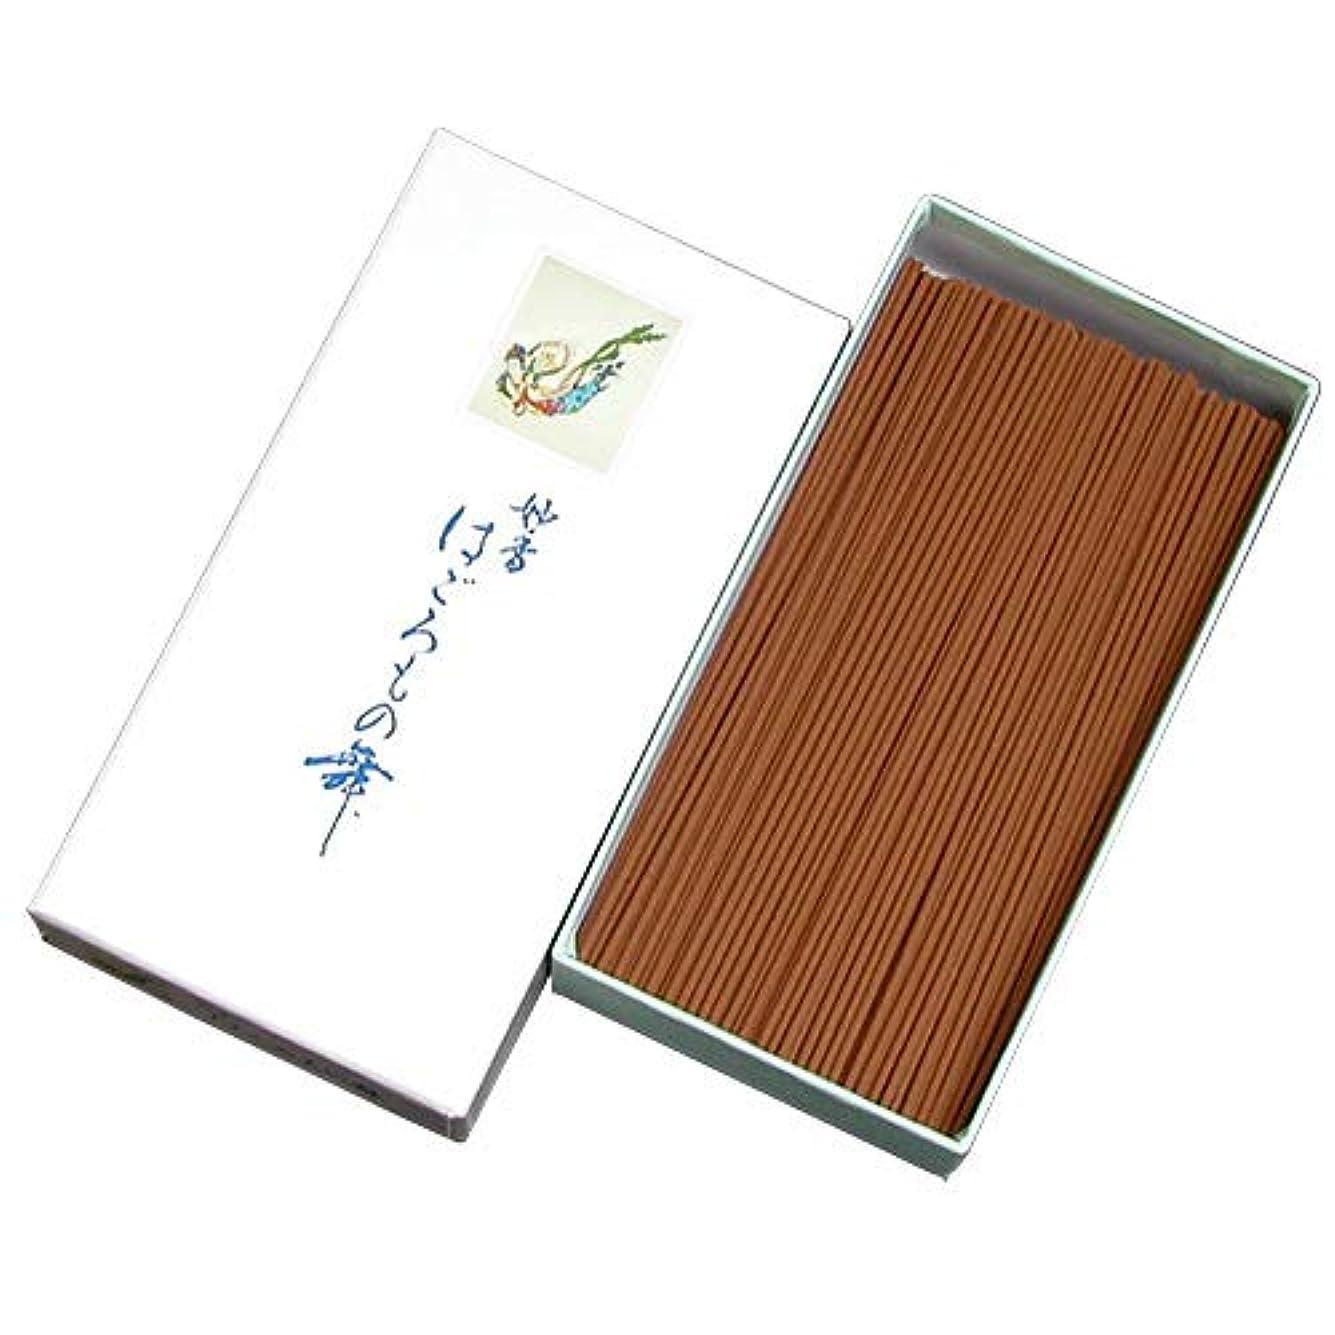 知らせる騒乱トレッド家庭用線香 はごろもの舞(箱寸法16×8.5×3.5cm)◆一番人気の優しい香りのお線香(大発)